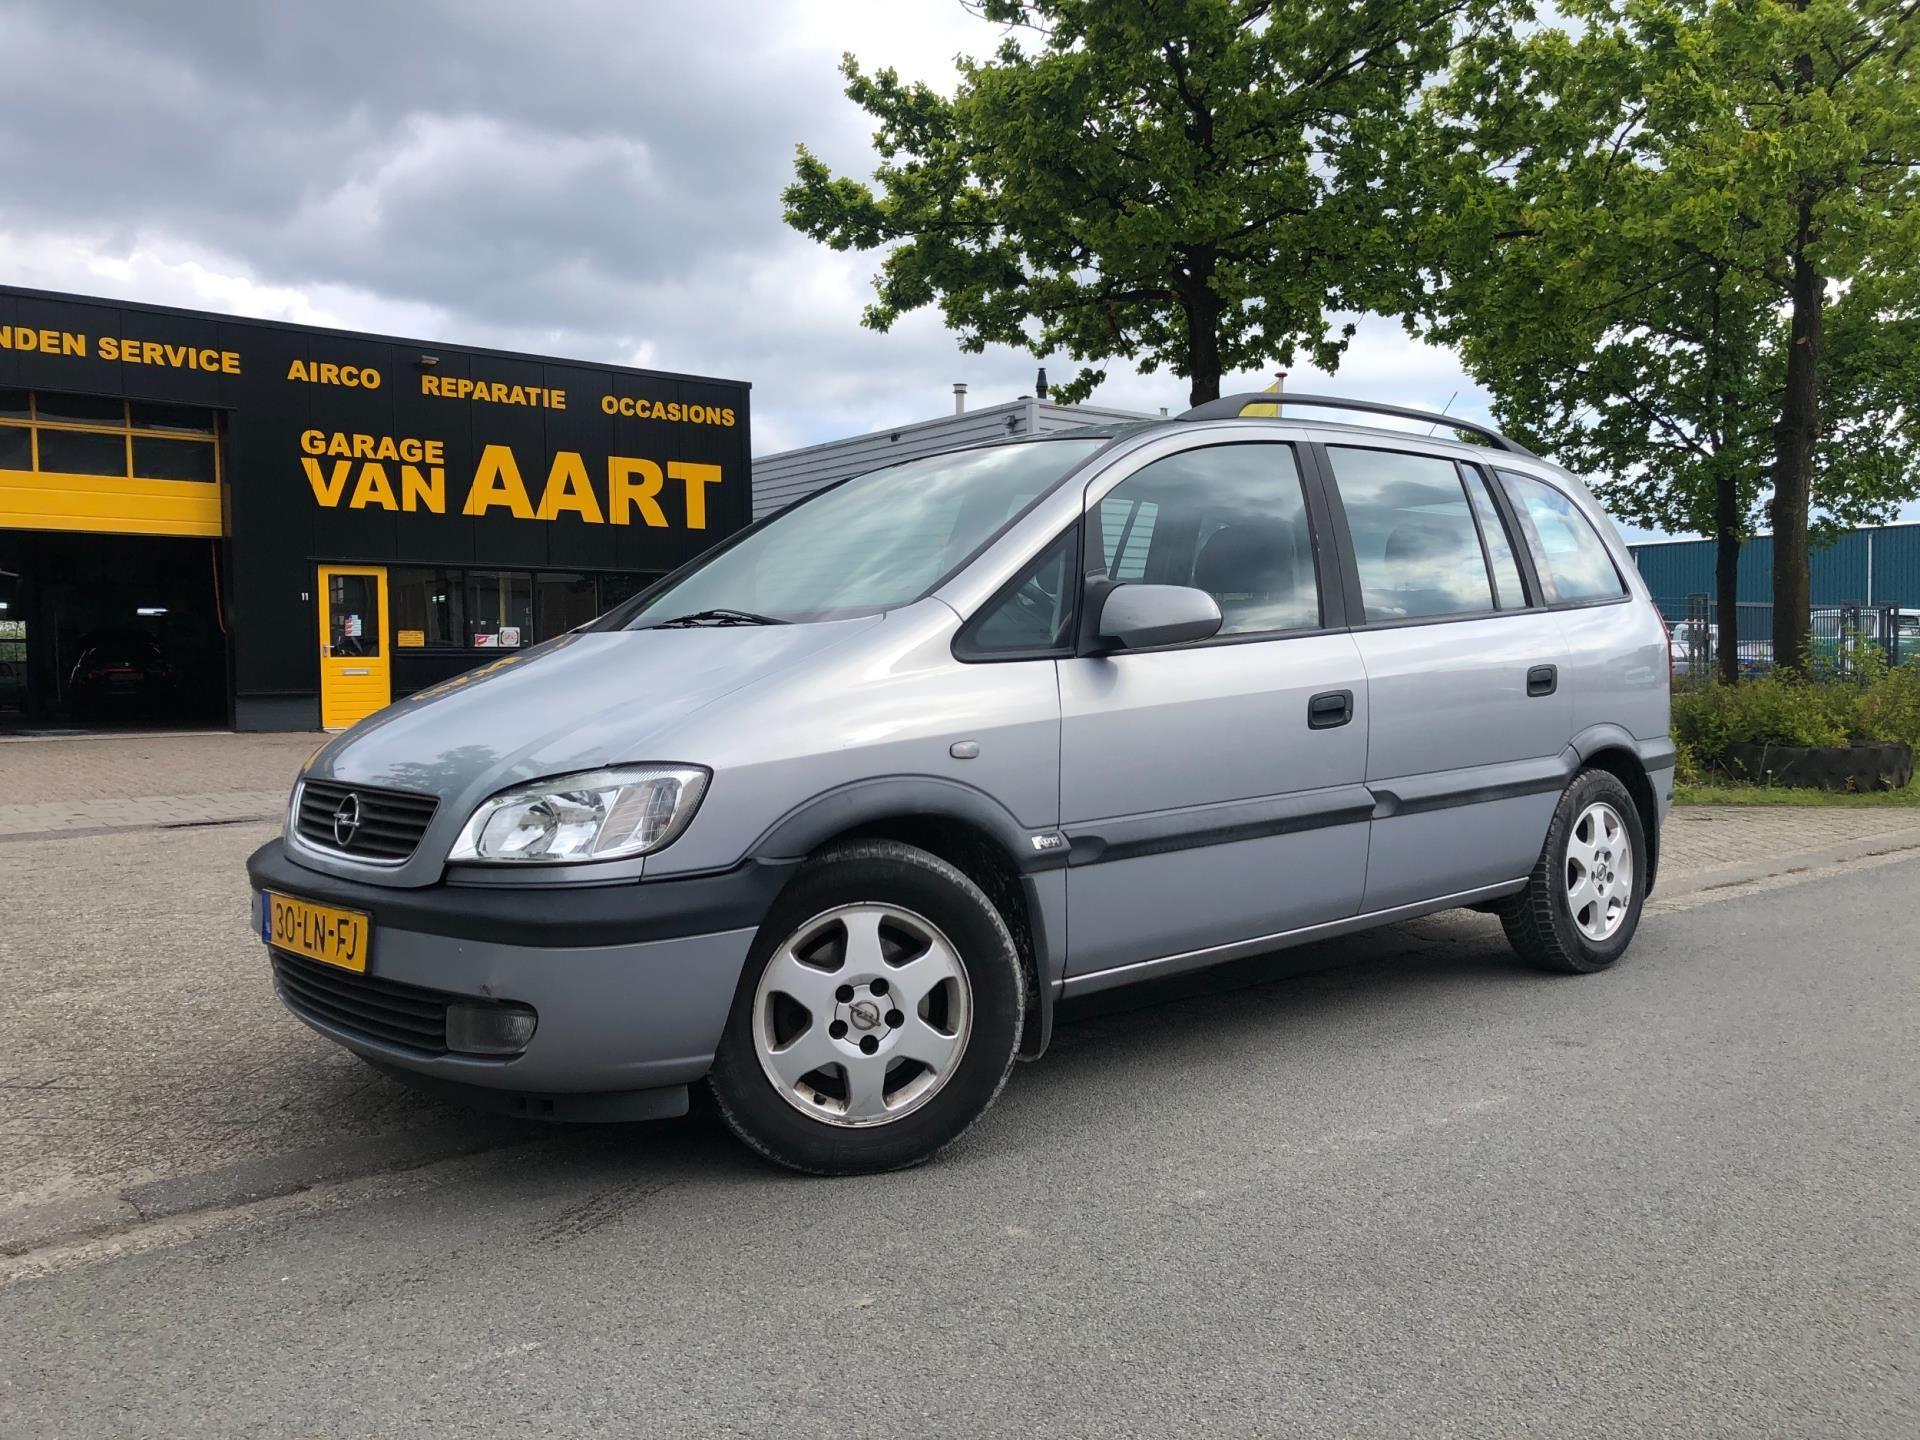 Opel Zafira occasion - Garage van Aart